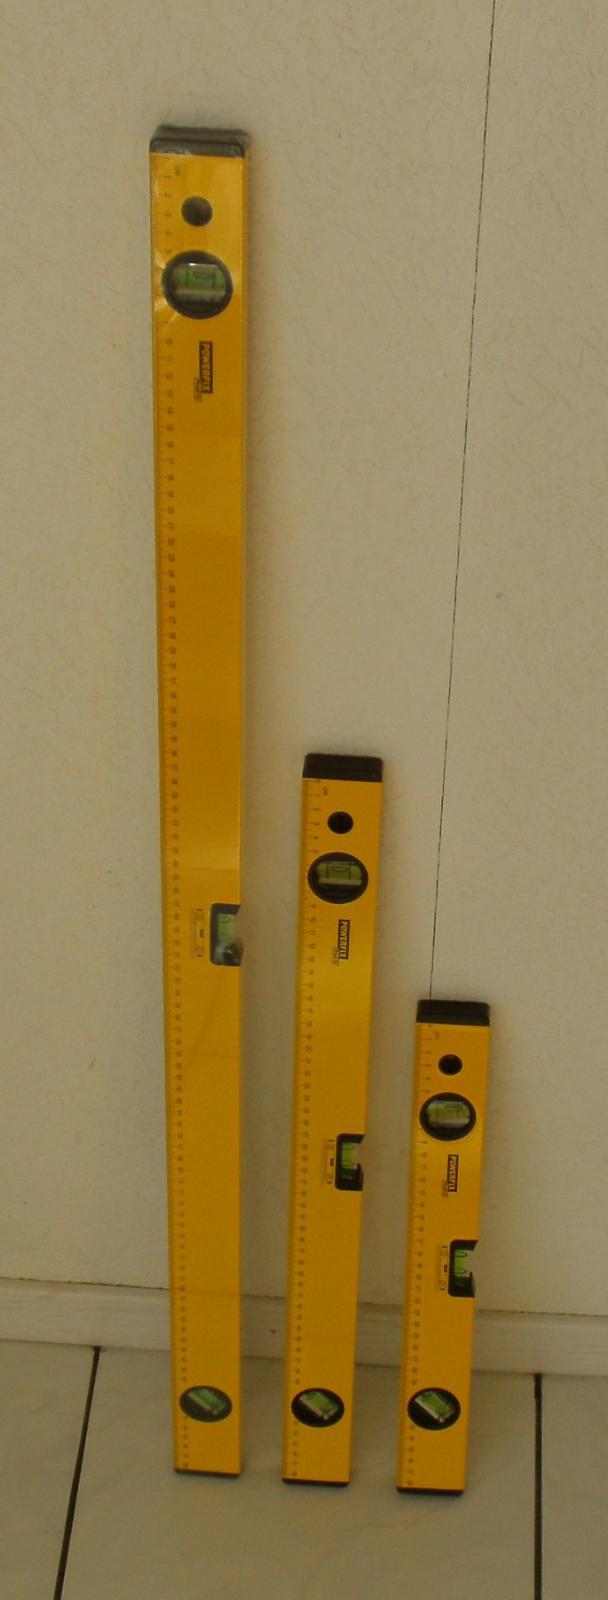 Alu Wasserwaage 3er Set 40 / 60 / 100 cm, 3 Libellen 45° 90° 180°  Winkelmessung